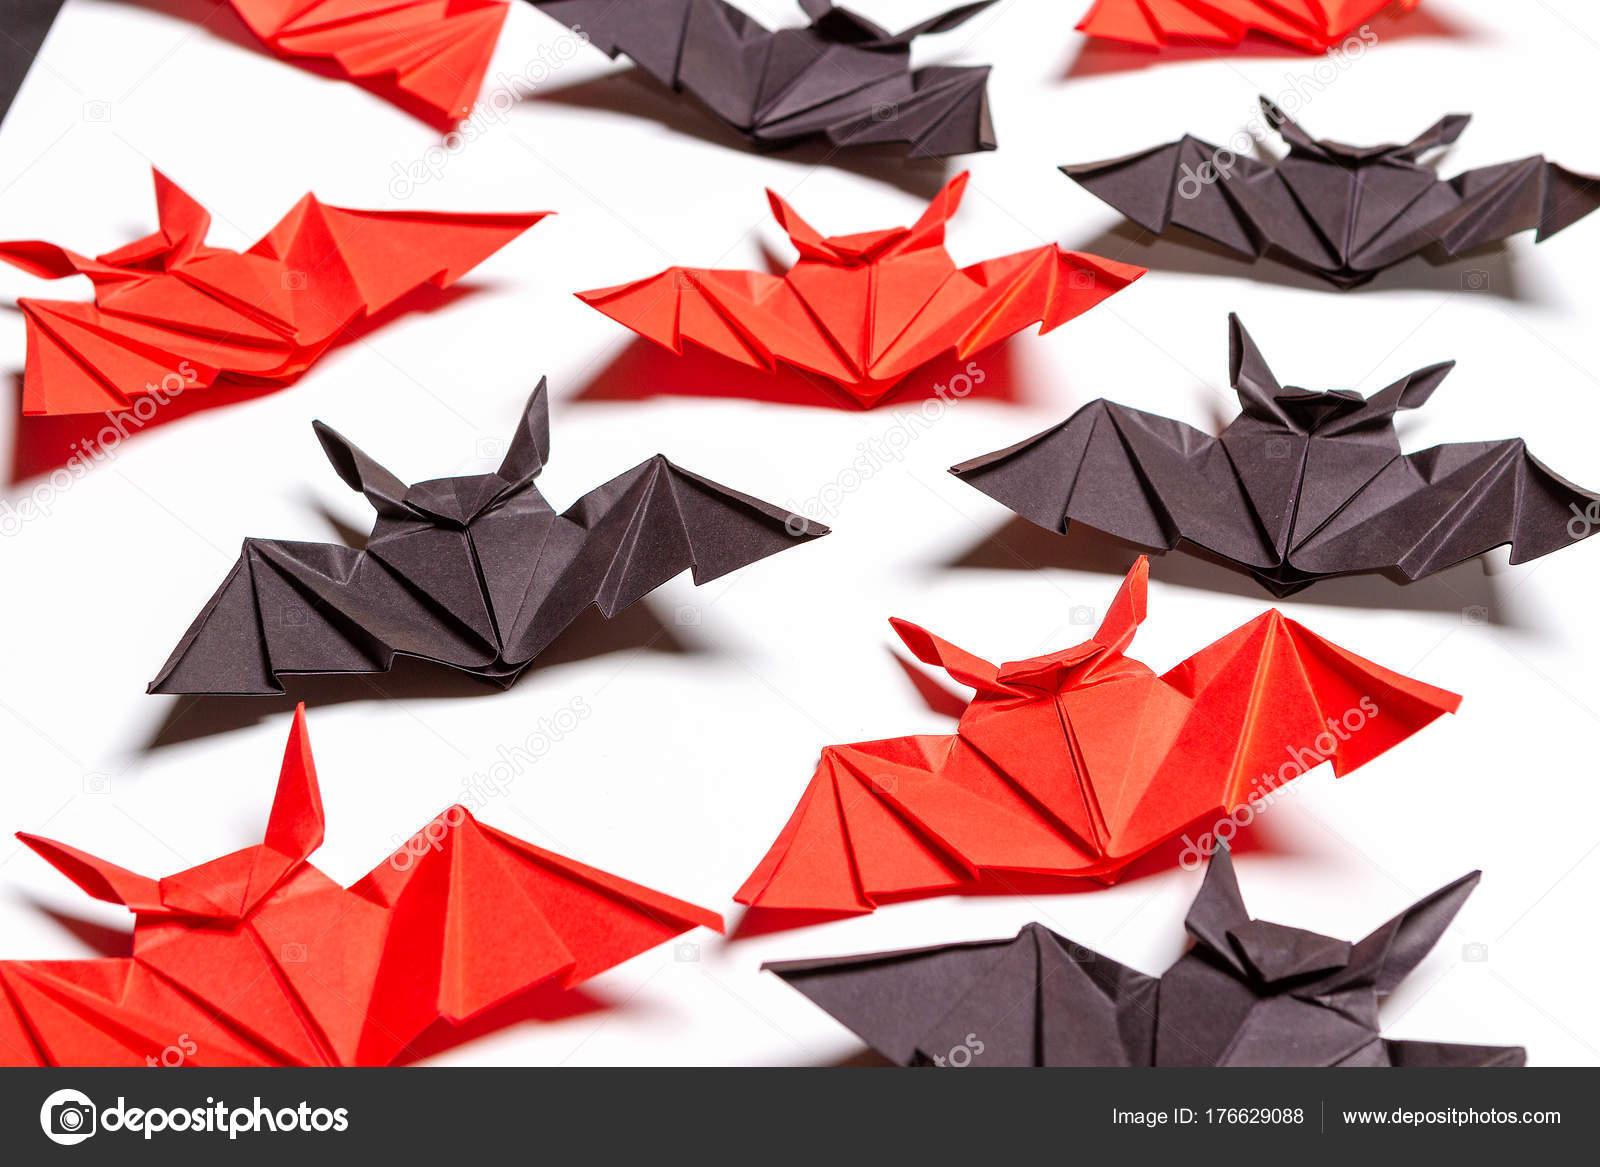 Fond De Halloween. Fond Blanc. Chauves-Souris Rouges Et intérieur Origami Chauve Souris